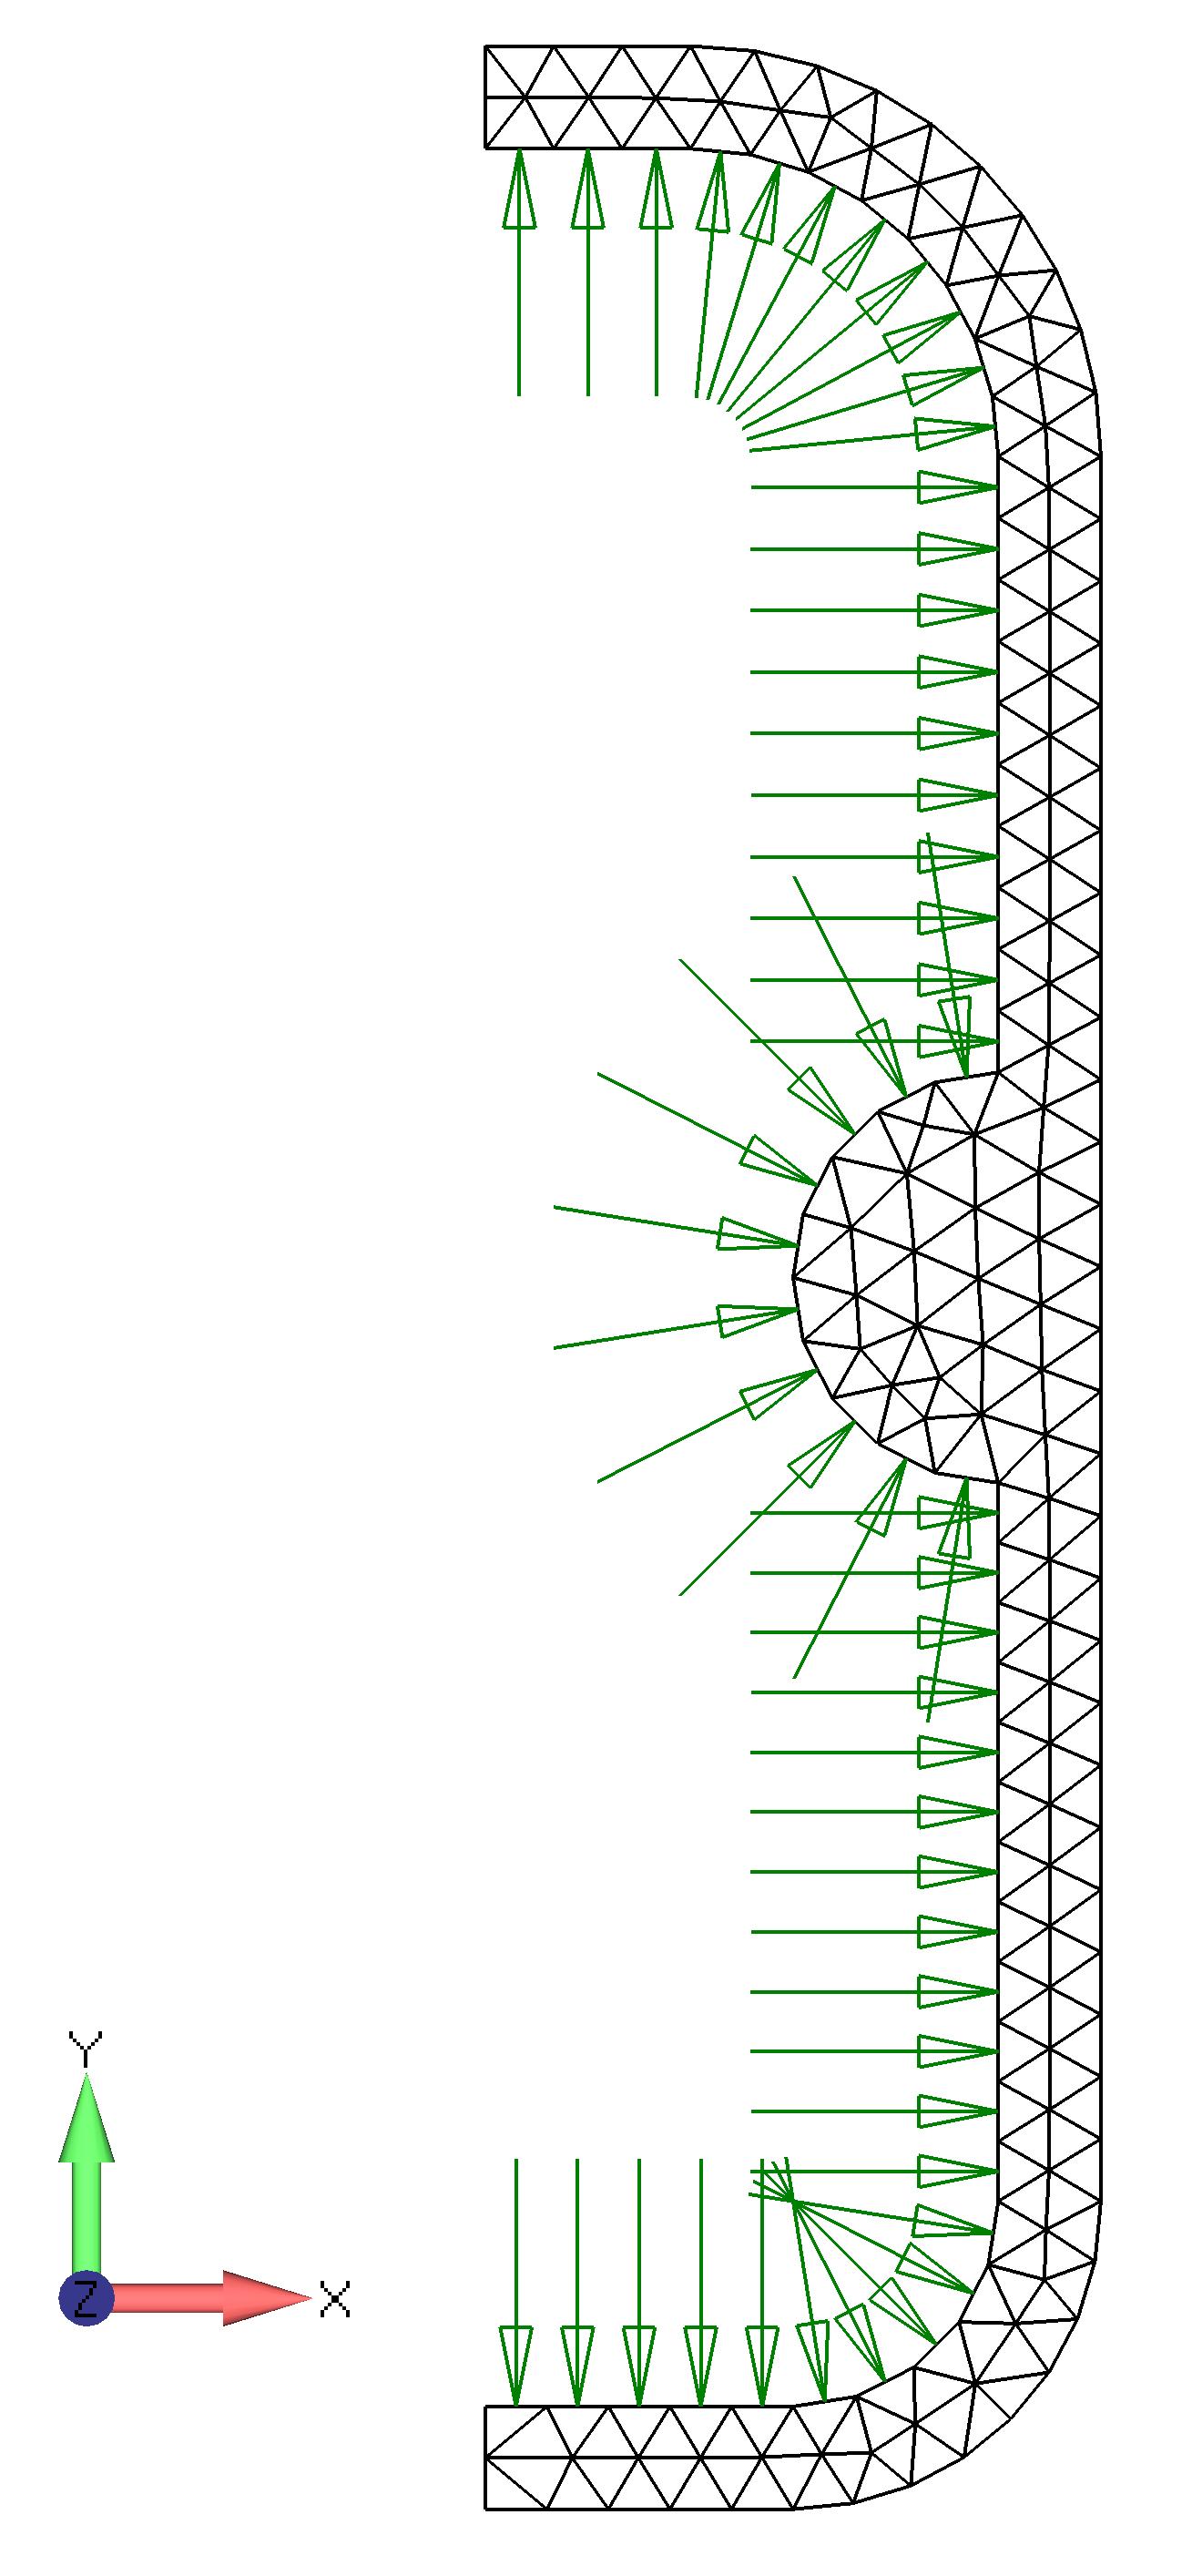 Femap NX Nastran Метод Adjacent Faces (смежные грани) выбирает связанные свободные грани